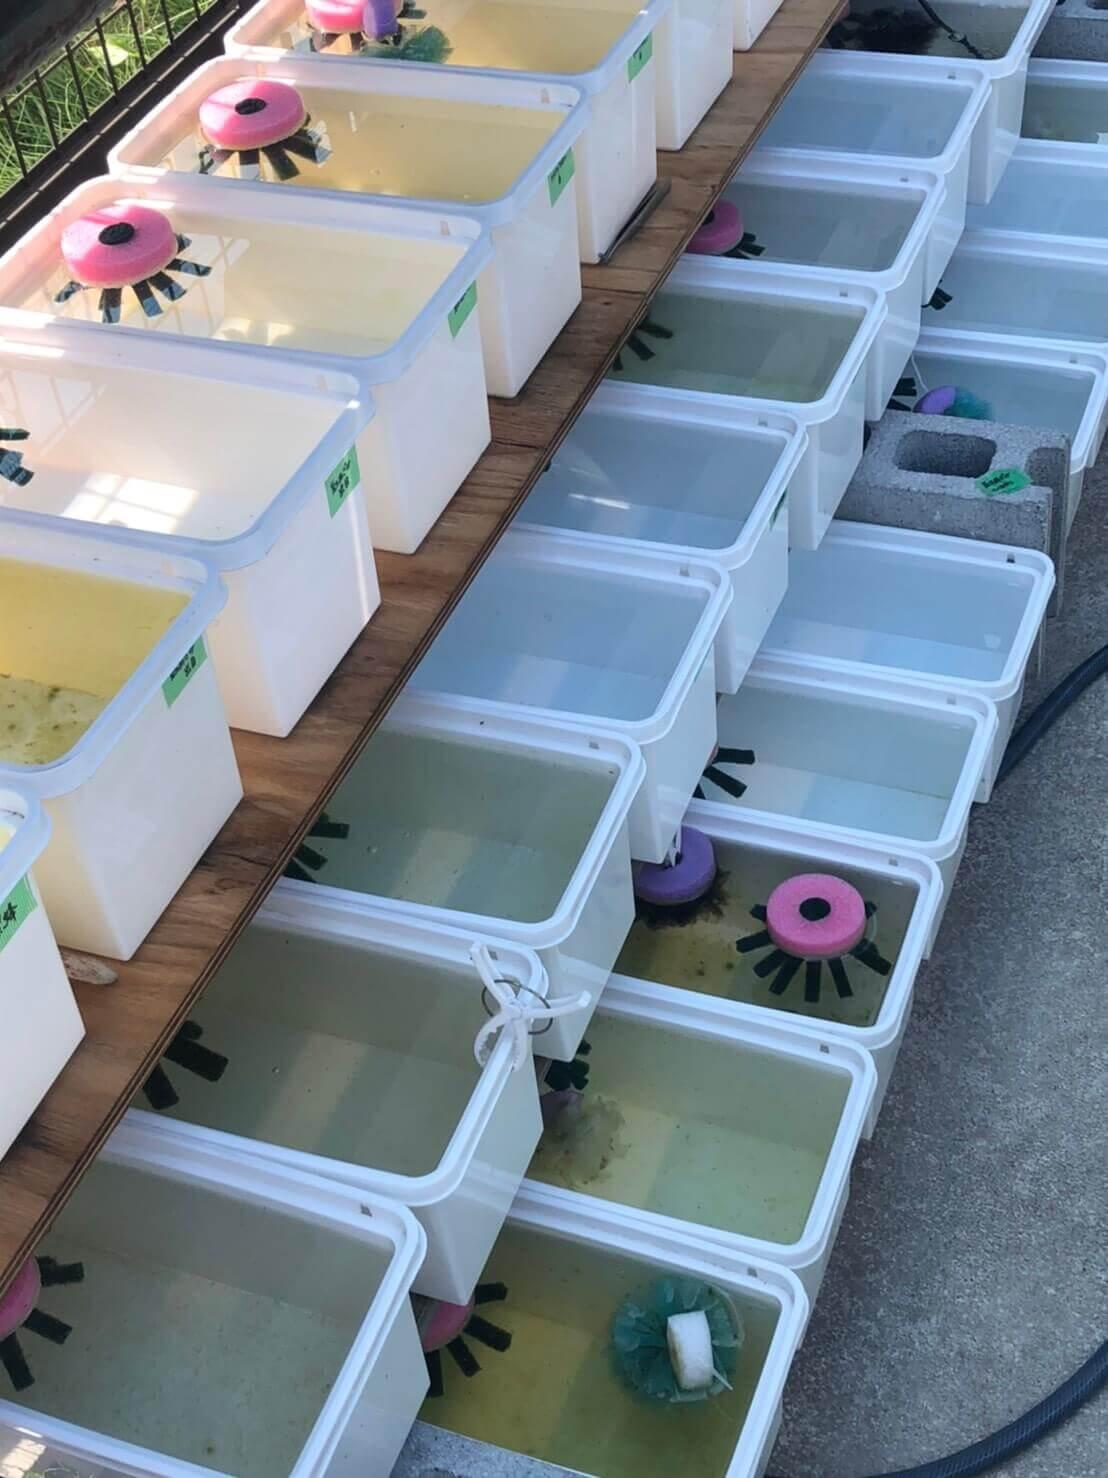 メダカの産卵床が浮かぶメダカの飼育容器